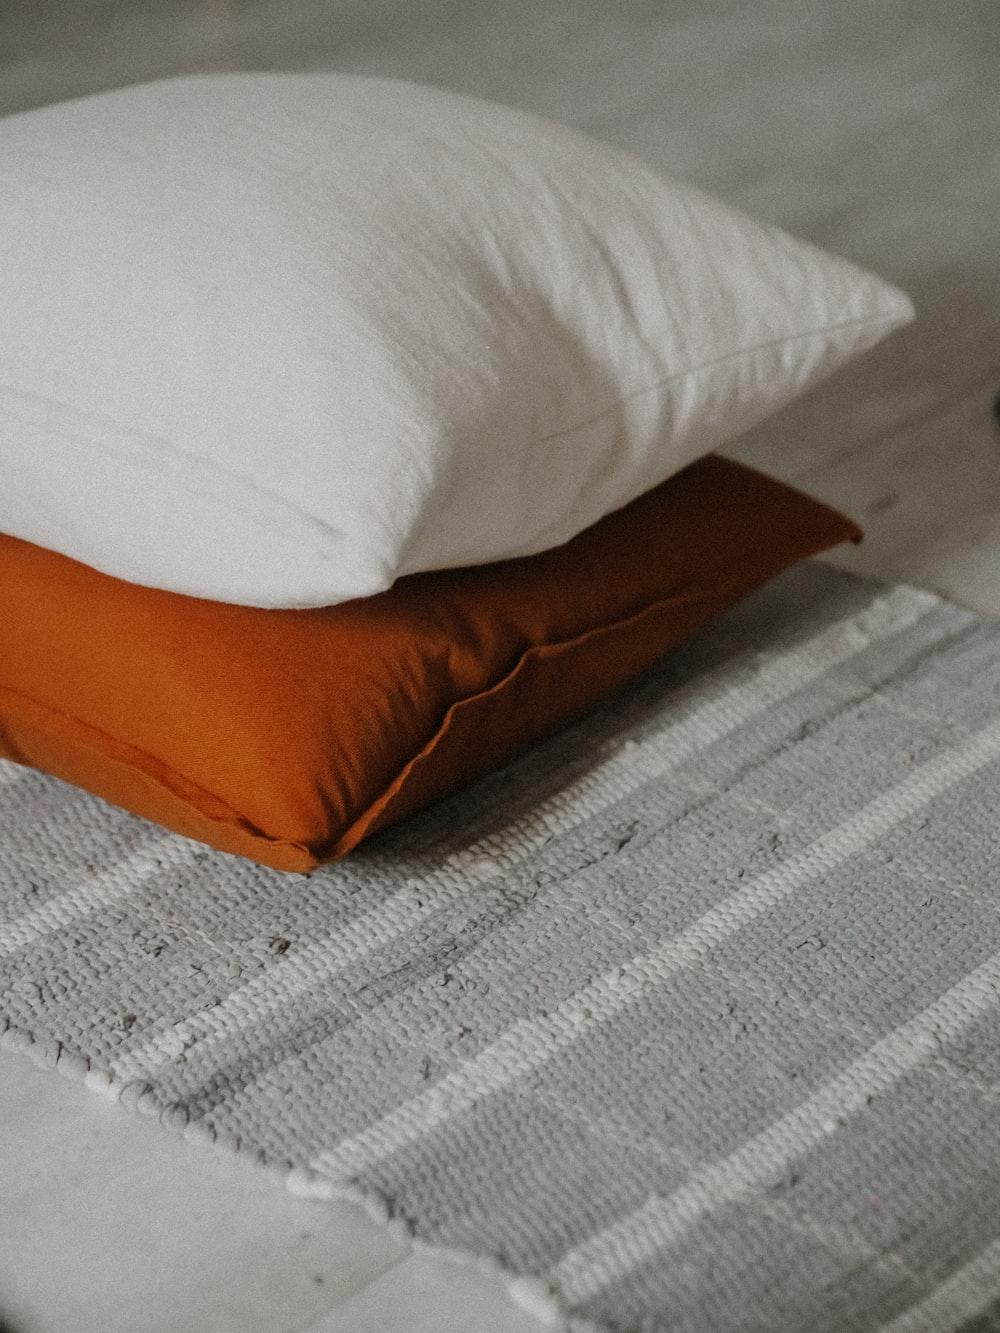 white and brown throw pillow on white textile